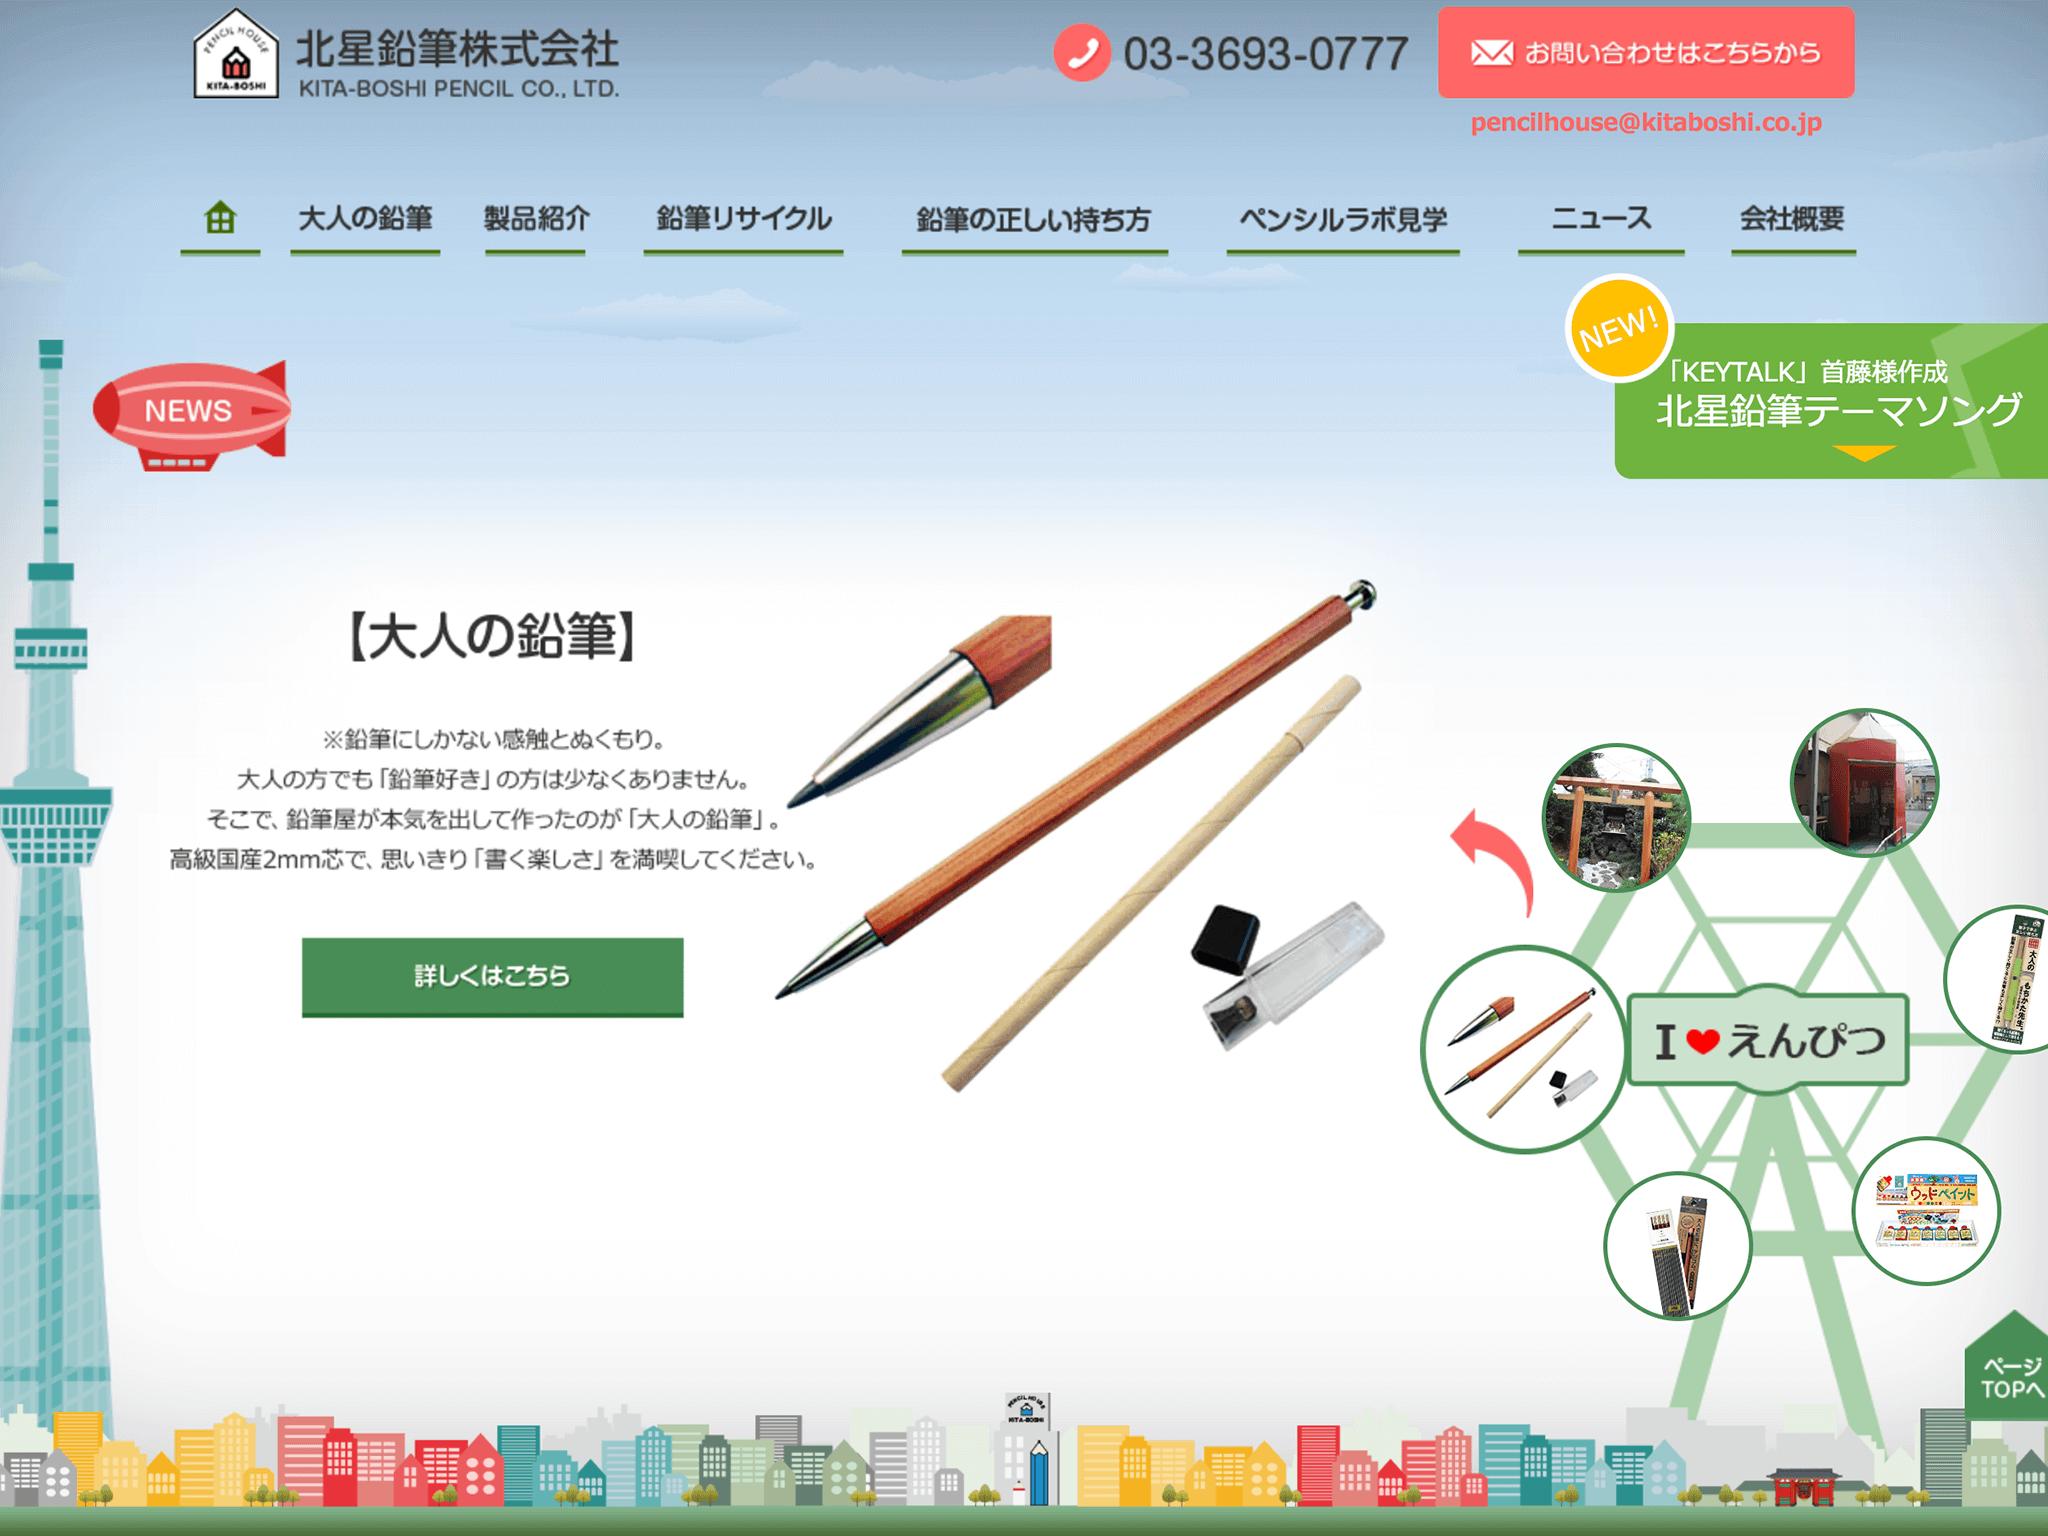 北星鉛筆・東京ペンシルラボ